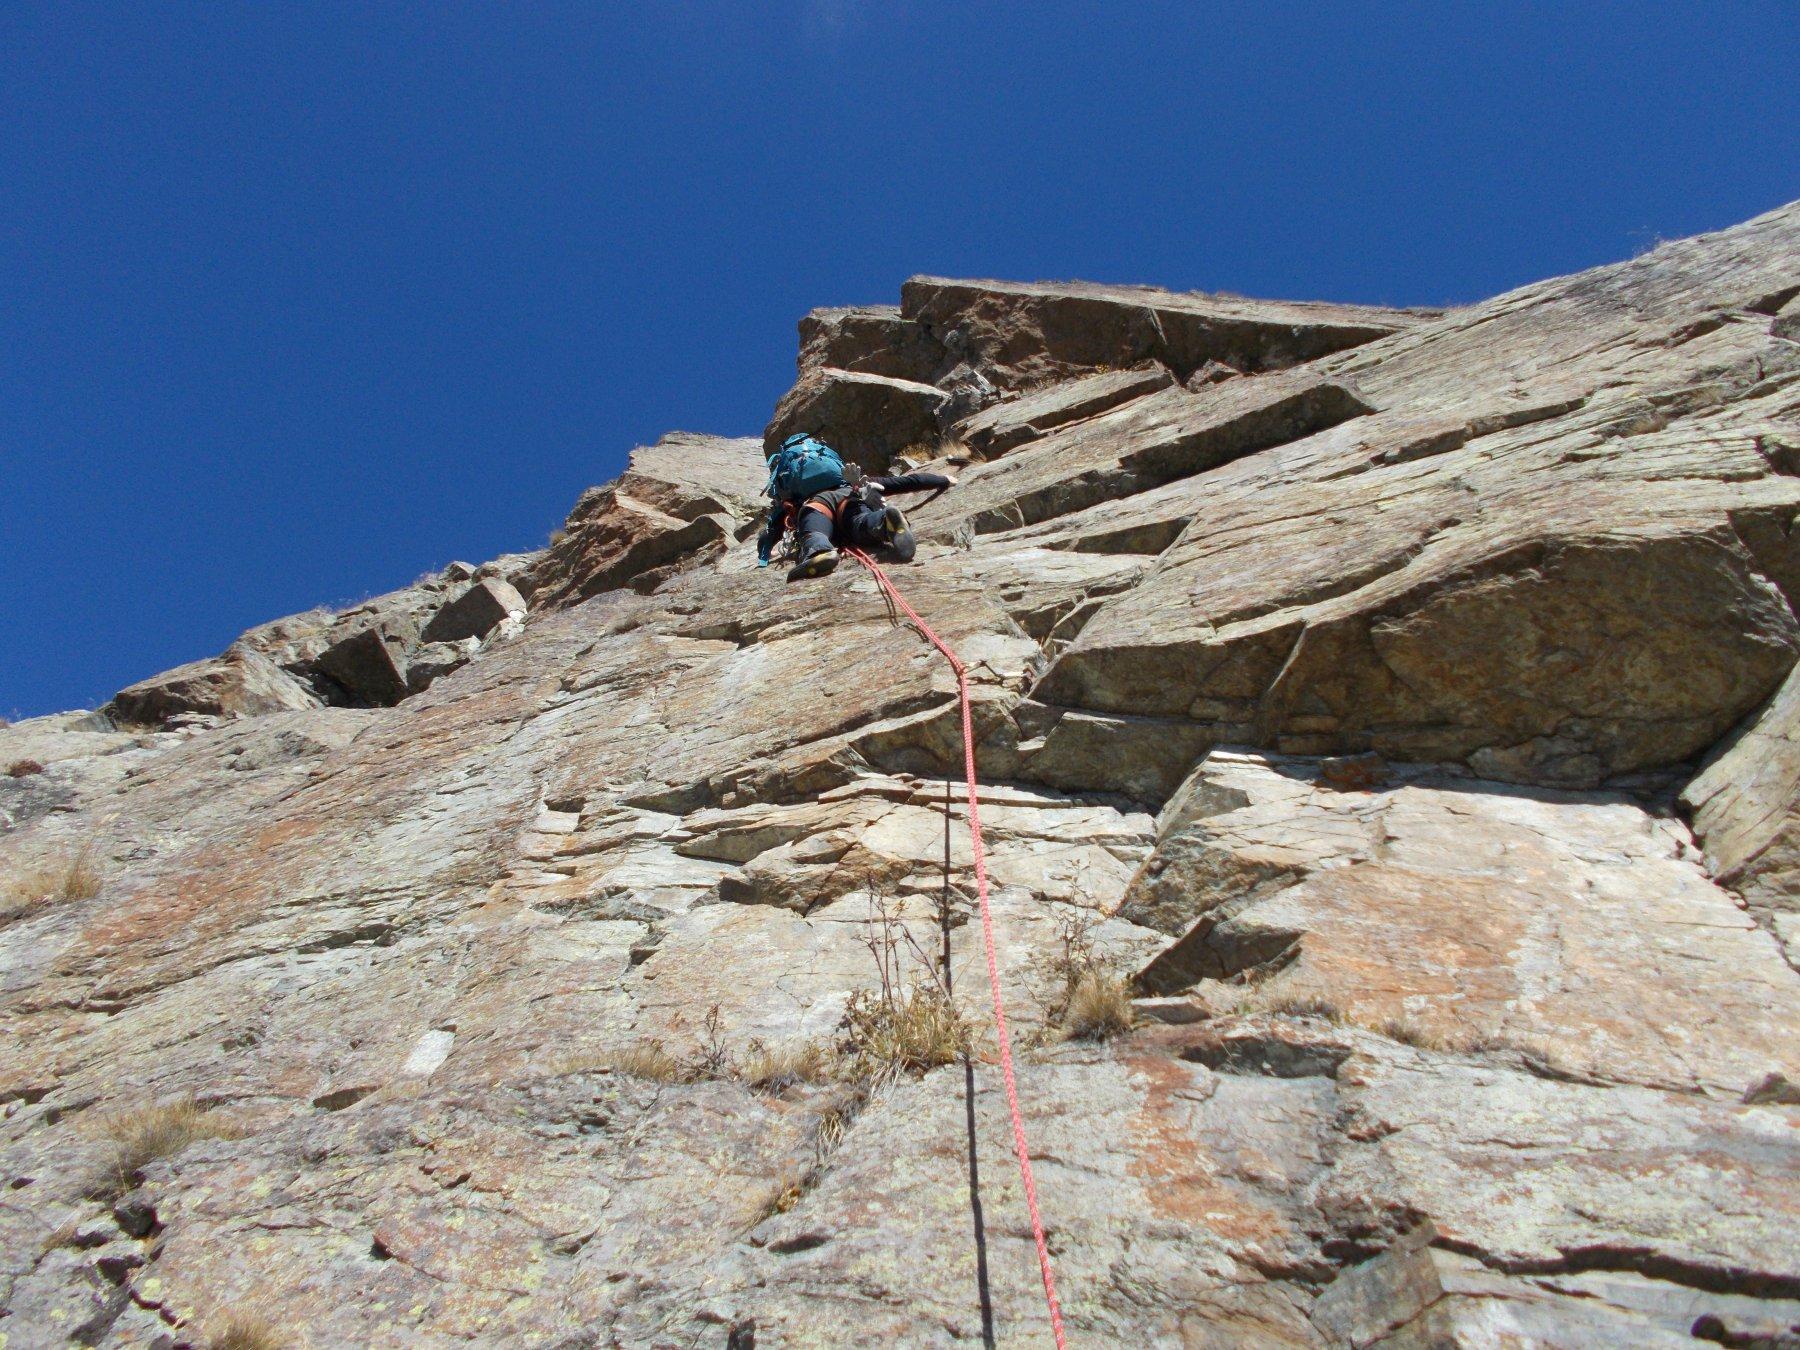 Franco in azione sul muro di V.. a meta' parete..